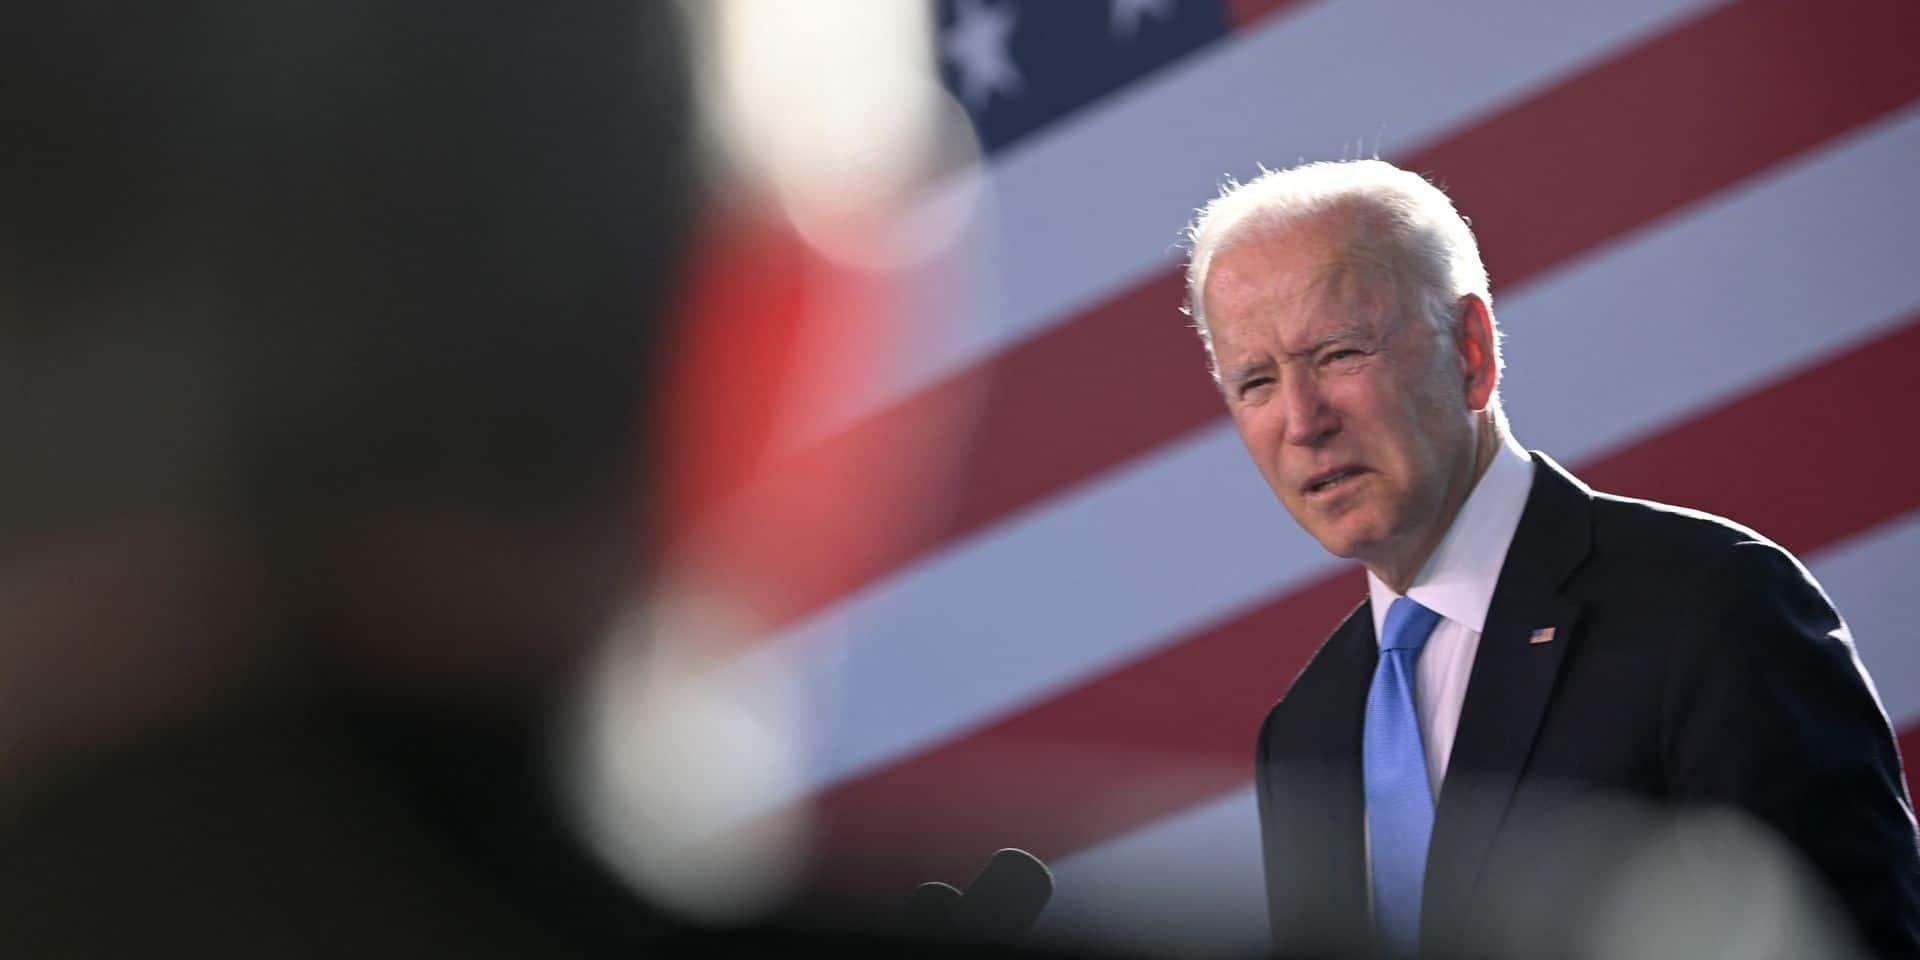 Les élections américaines, les cyberattaques, Navalny... Biden revient sur sa rencontre avec Poutine